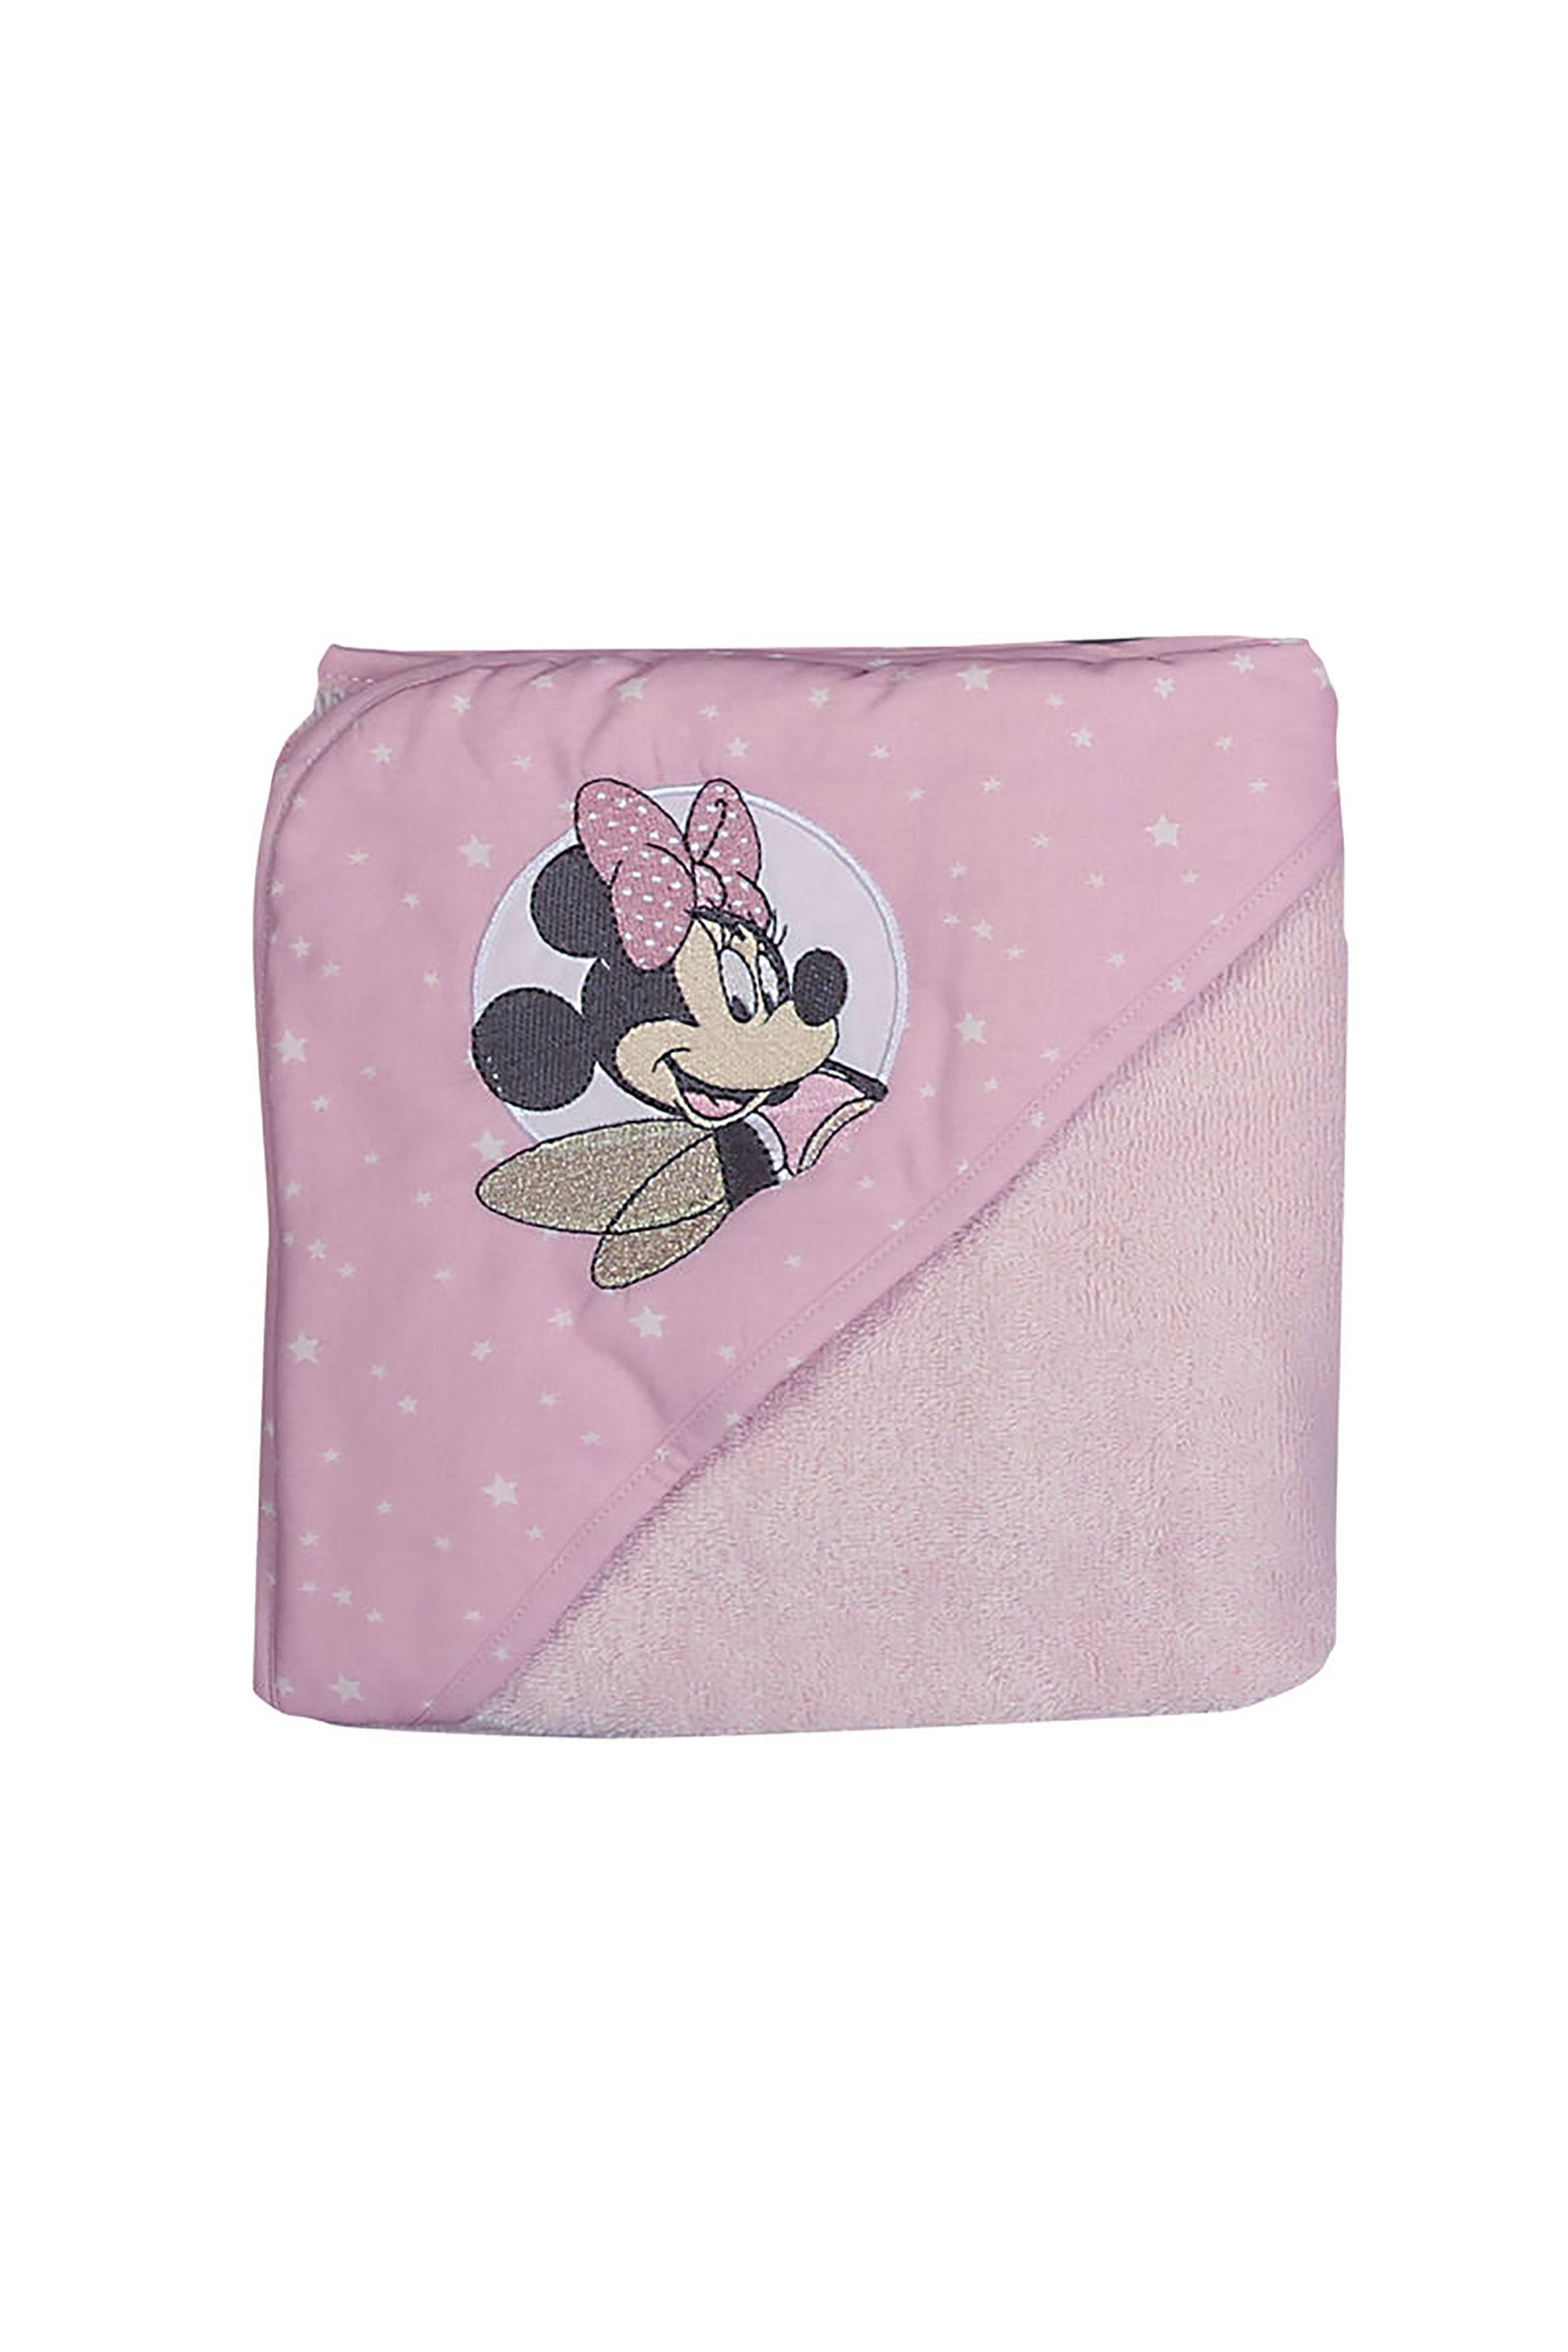 NEF-NEF Βρεφική κάπα Minnie Fairy (75x75)  - 021590 - Ροζ home   παιδια   παιδικά μπουρνούζια   ρόμπες   πετσέτες